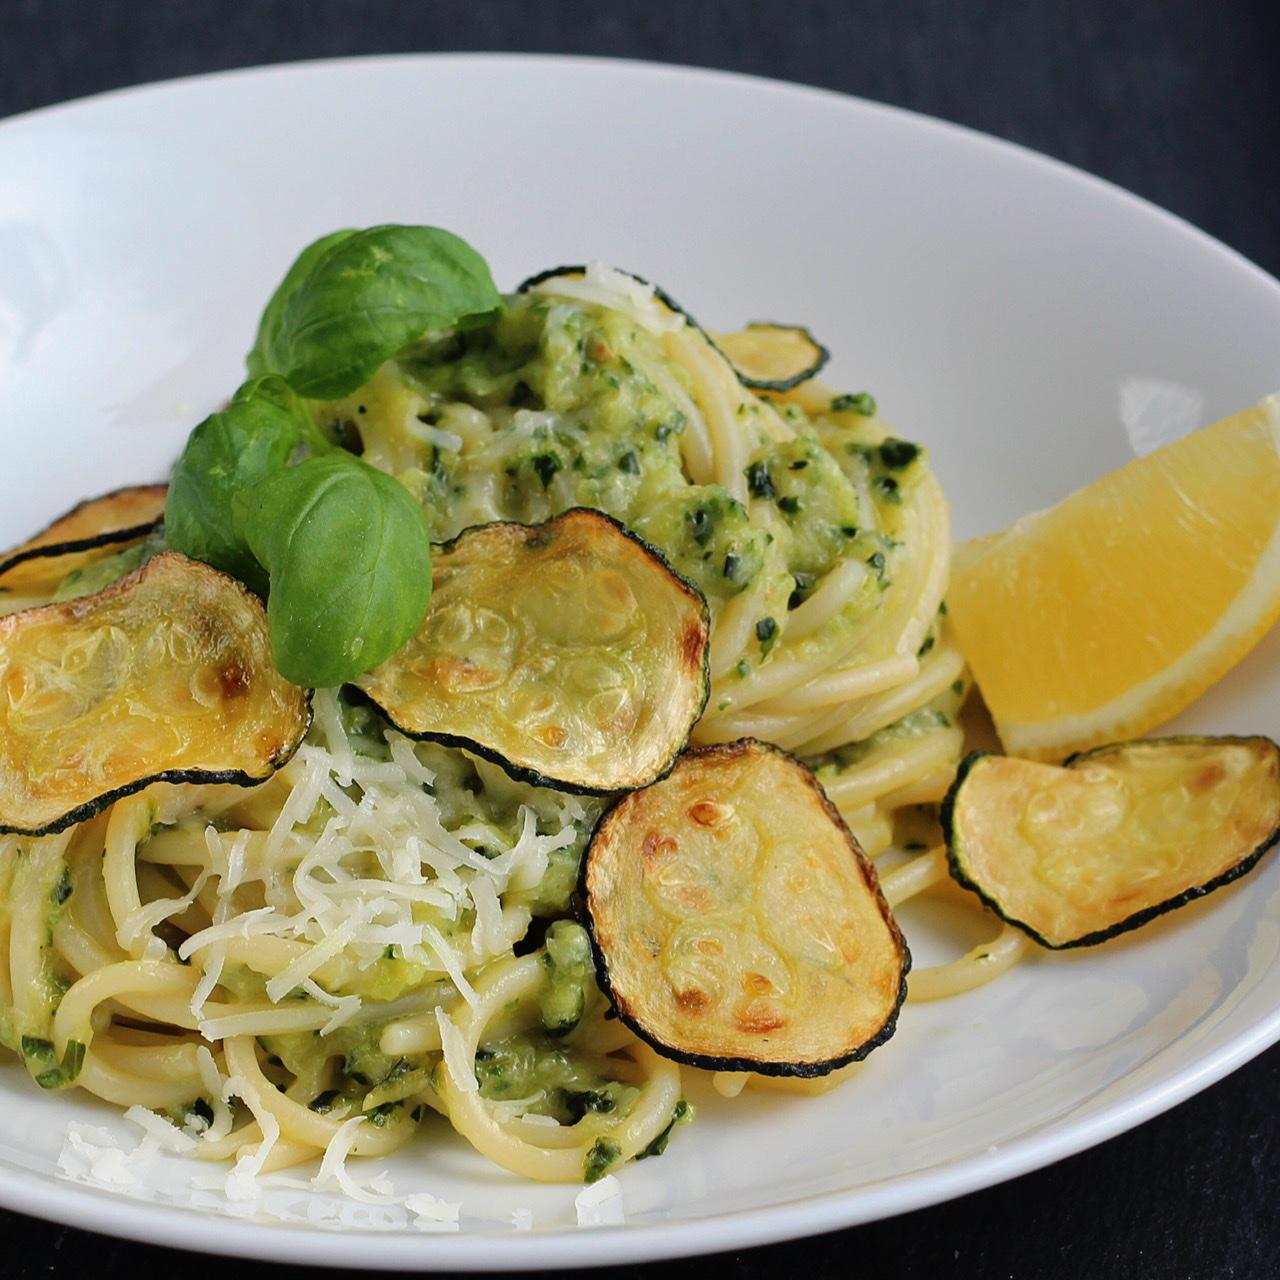 Spaghetti alla Nerano (Spaghetti with Fried Zucchini)